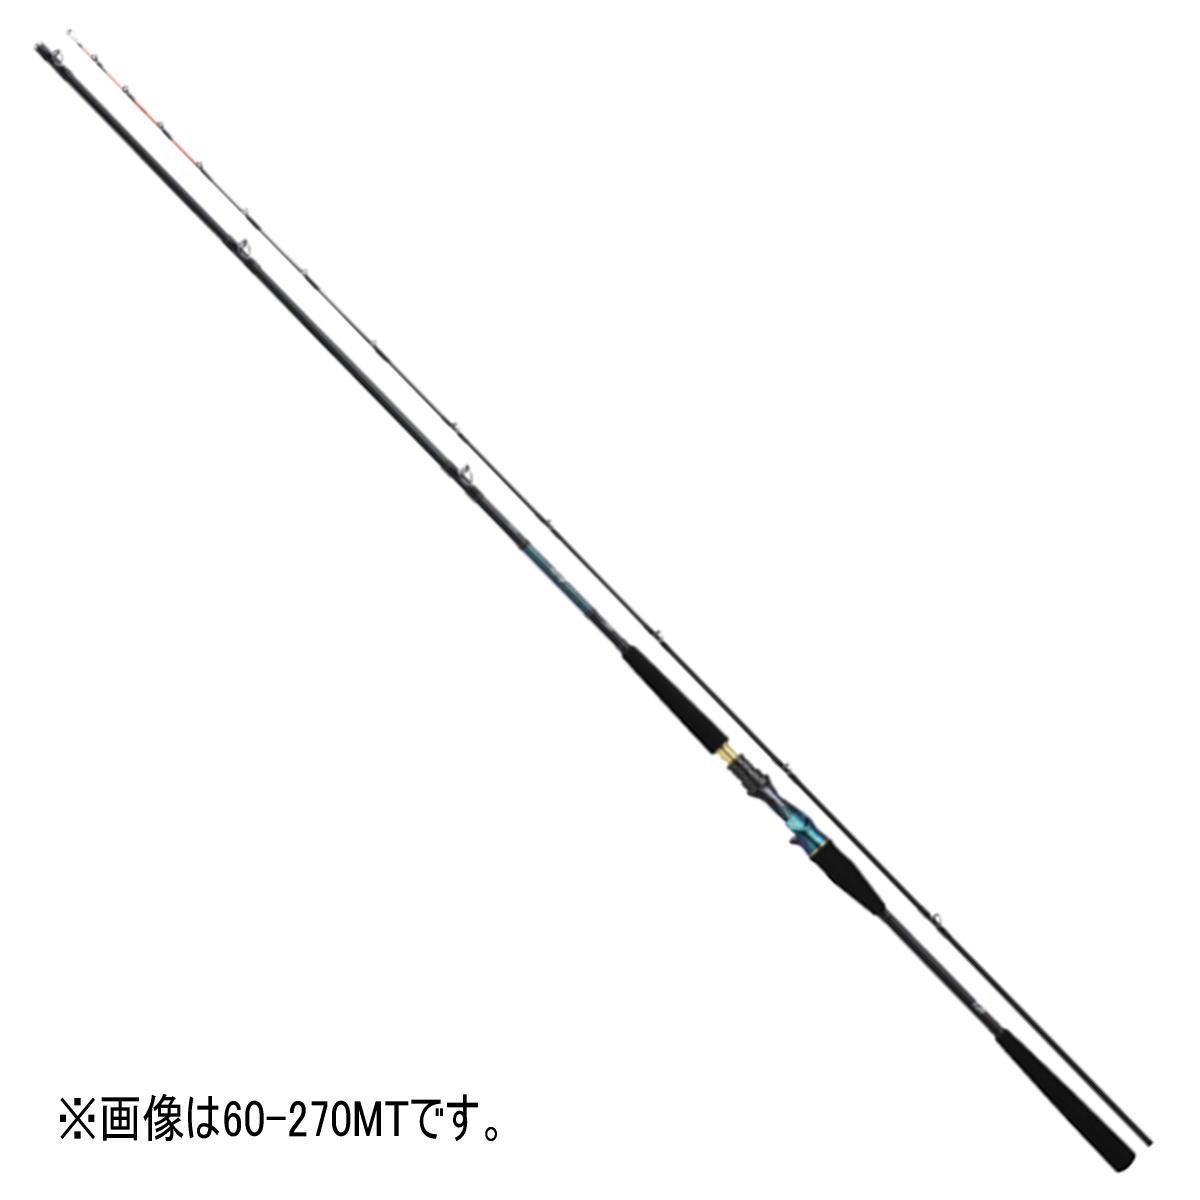 【送料無料5】ダイワ ロッド '18 18 剣崎 MT 60-200MT